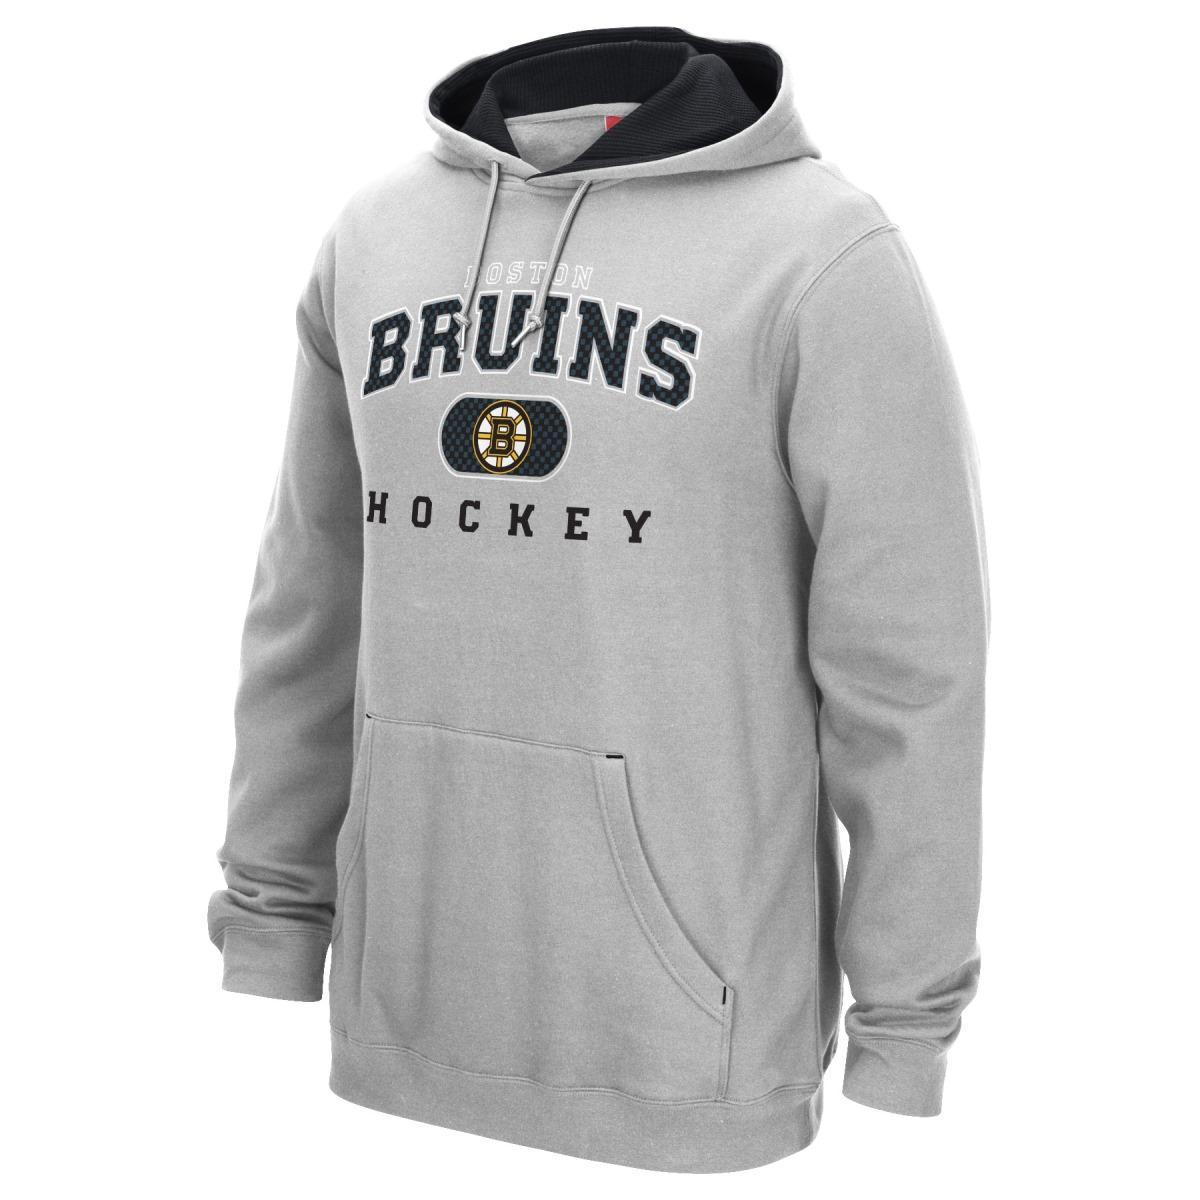 Boston Bruins Reebok NHL Men's Playbook Hooded Sweatshirt - Gray